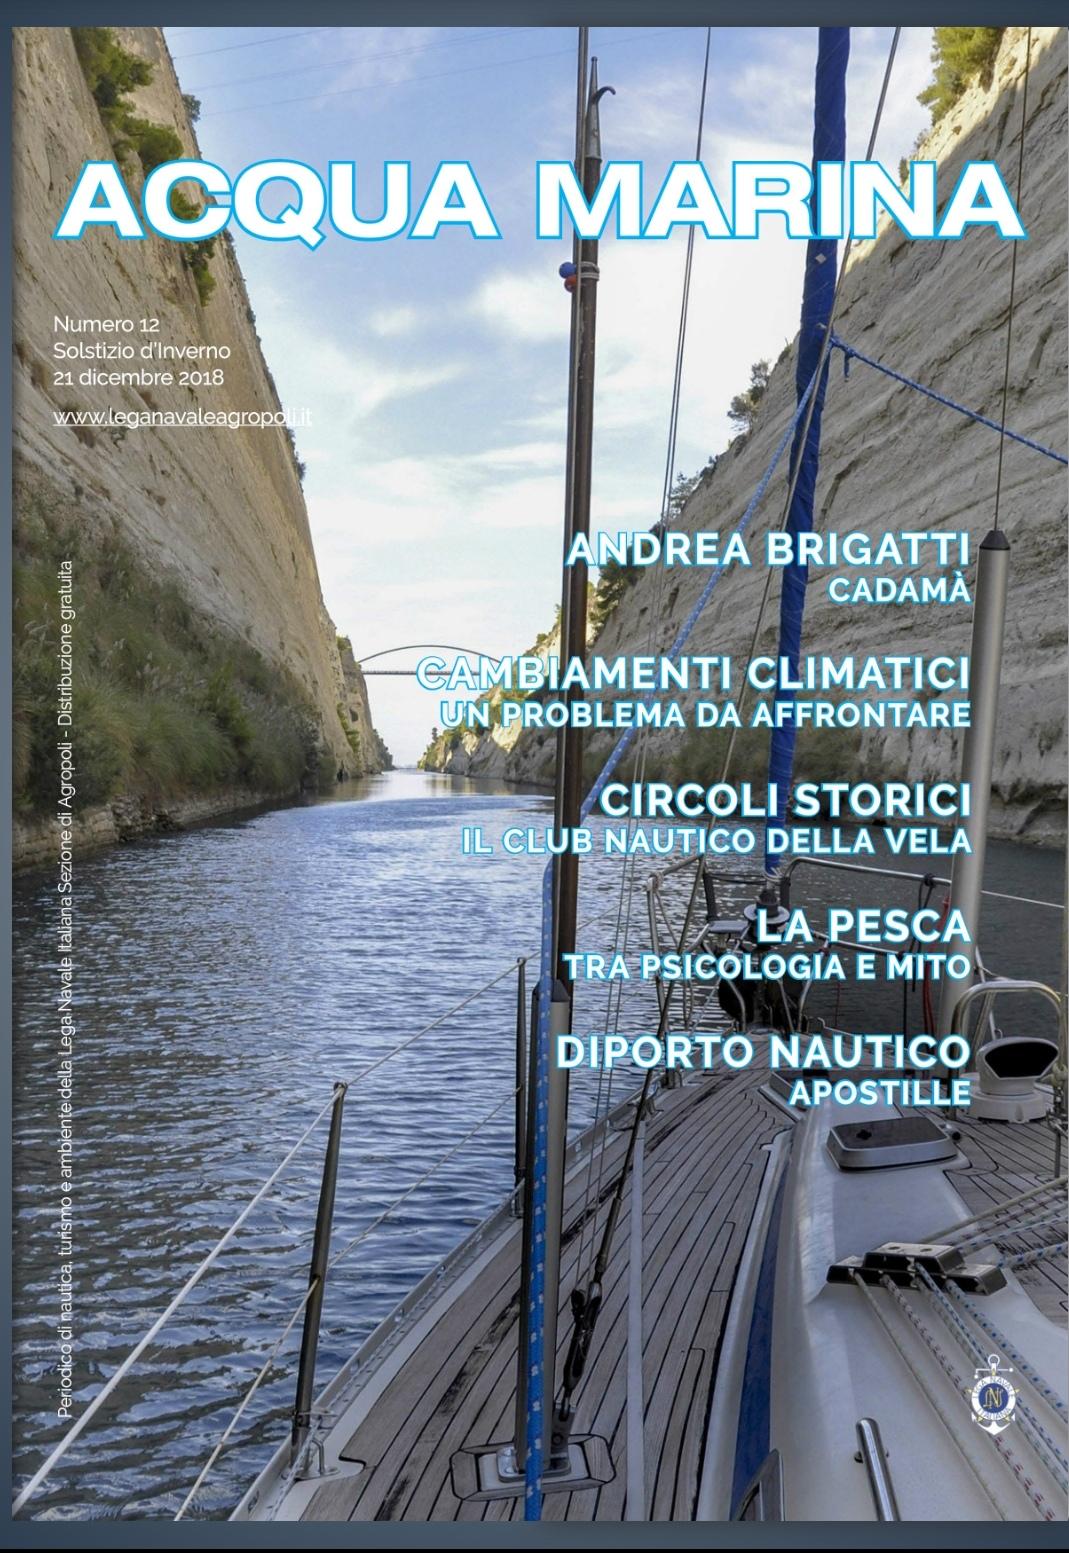 Copertina rivista Acqua Marina con articolo su Cadamà